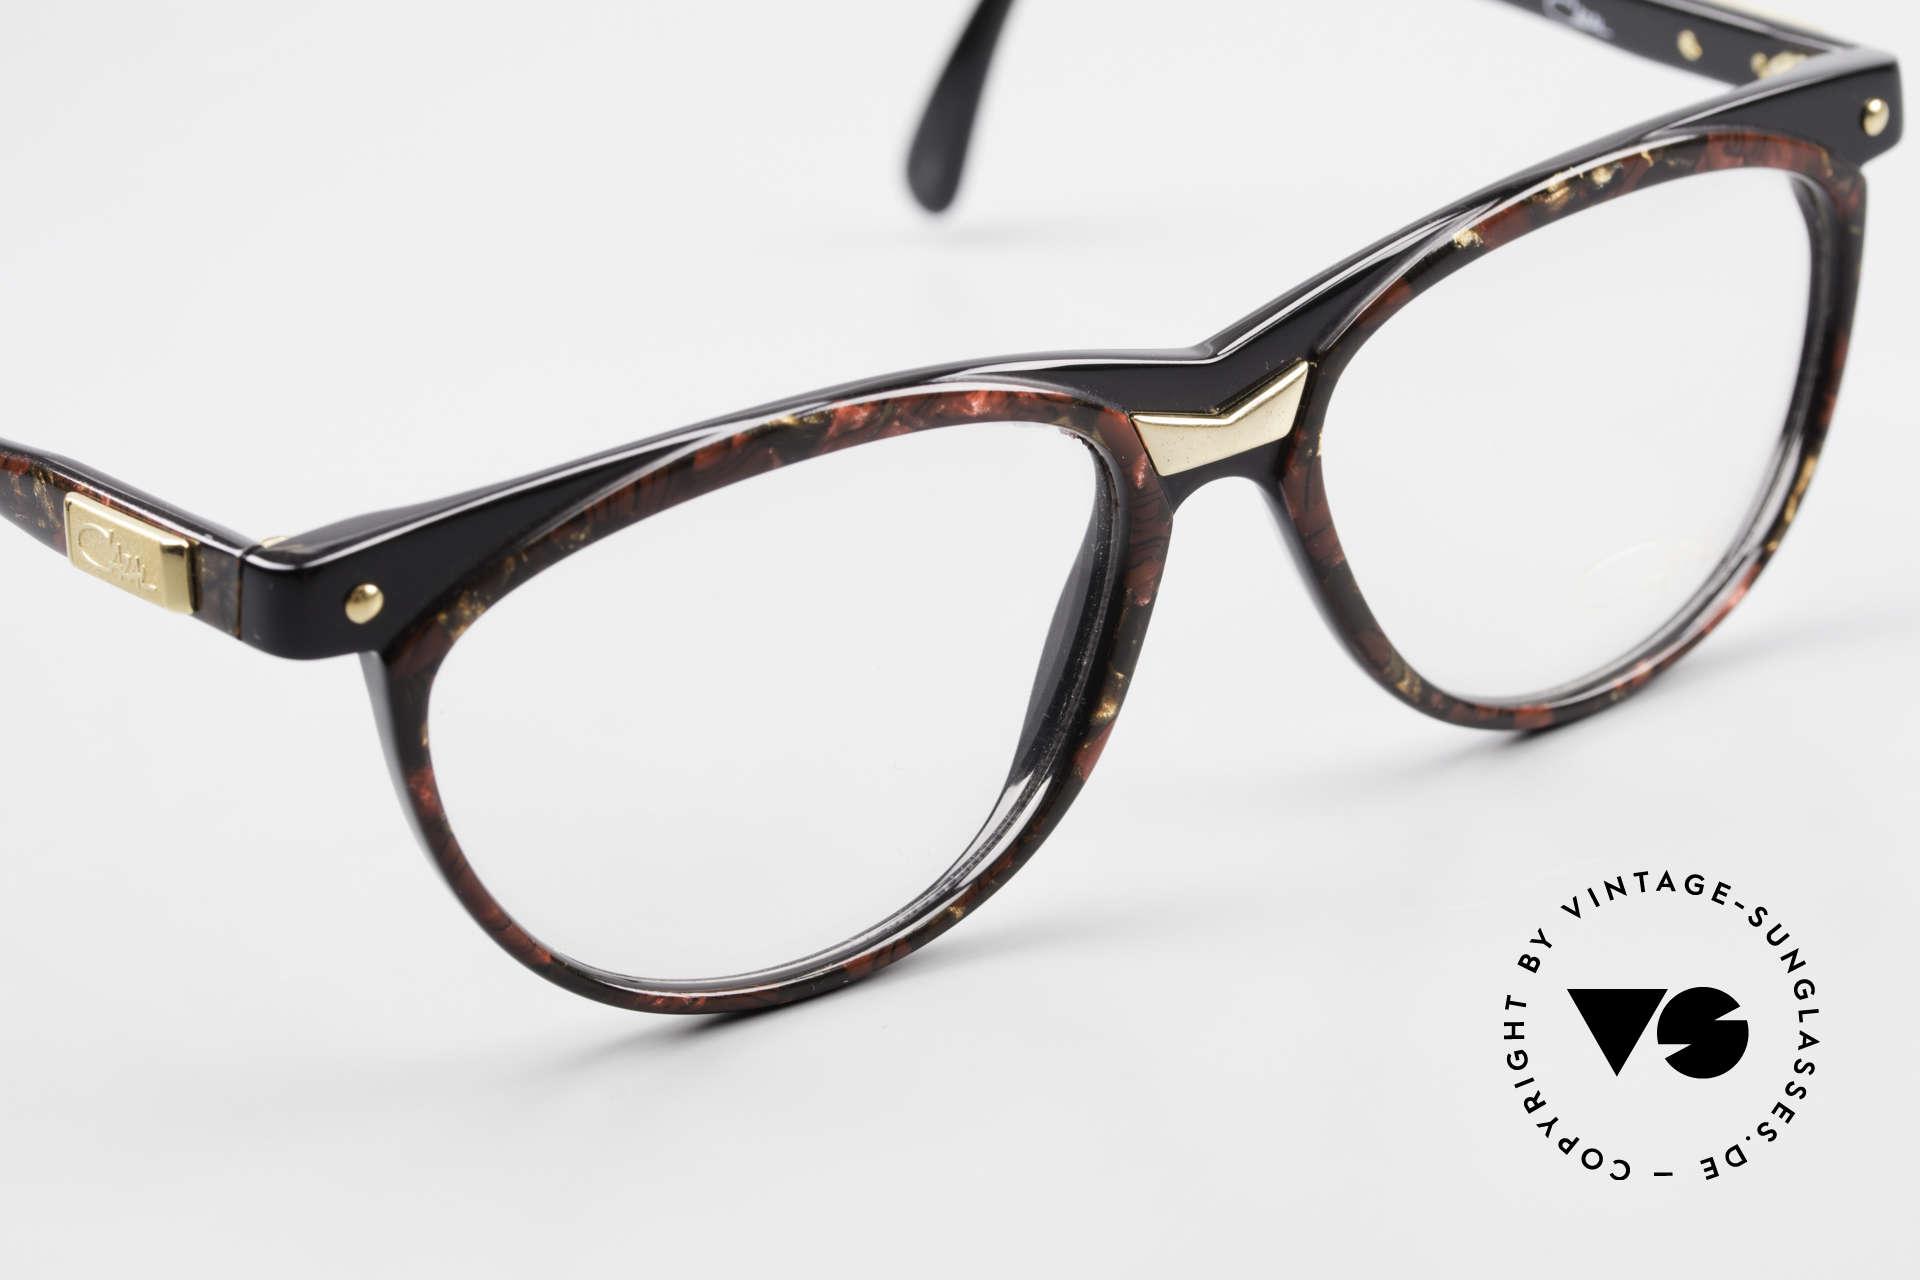 Cazal 331 True Vintage Designer Frame, NO retro glasses, but a rare old Cazal original, Made for Men and Women